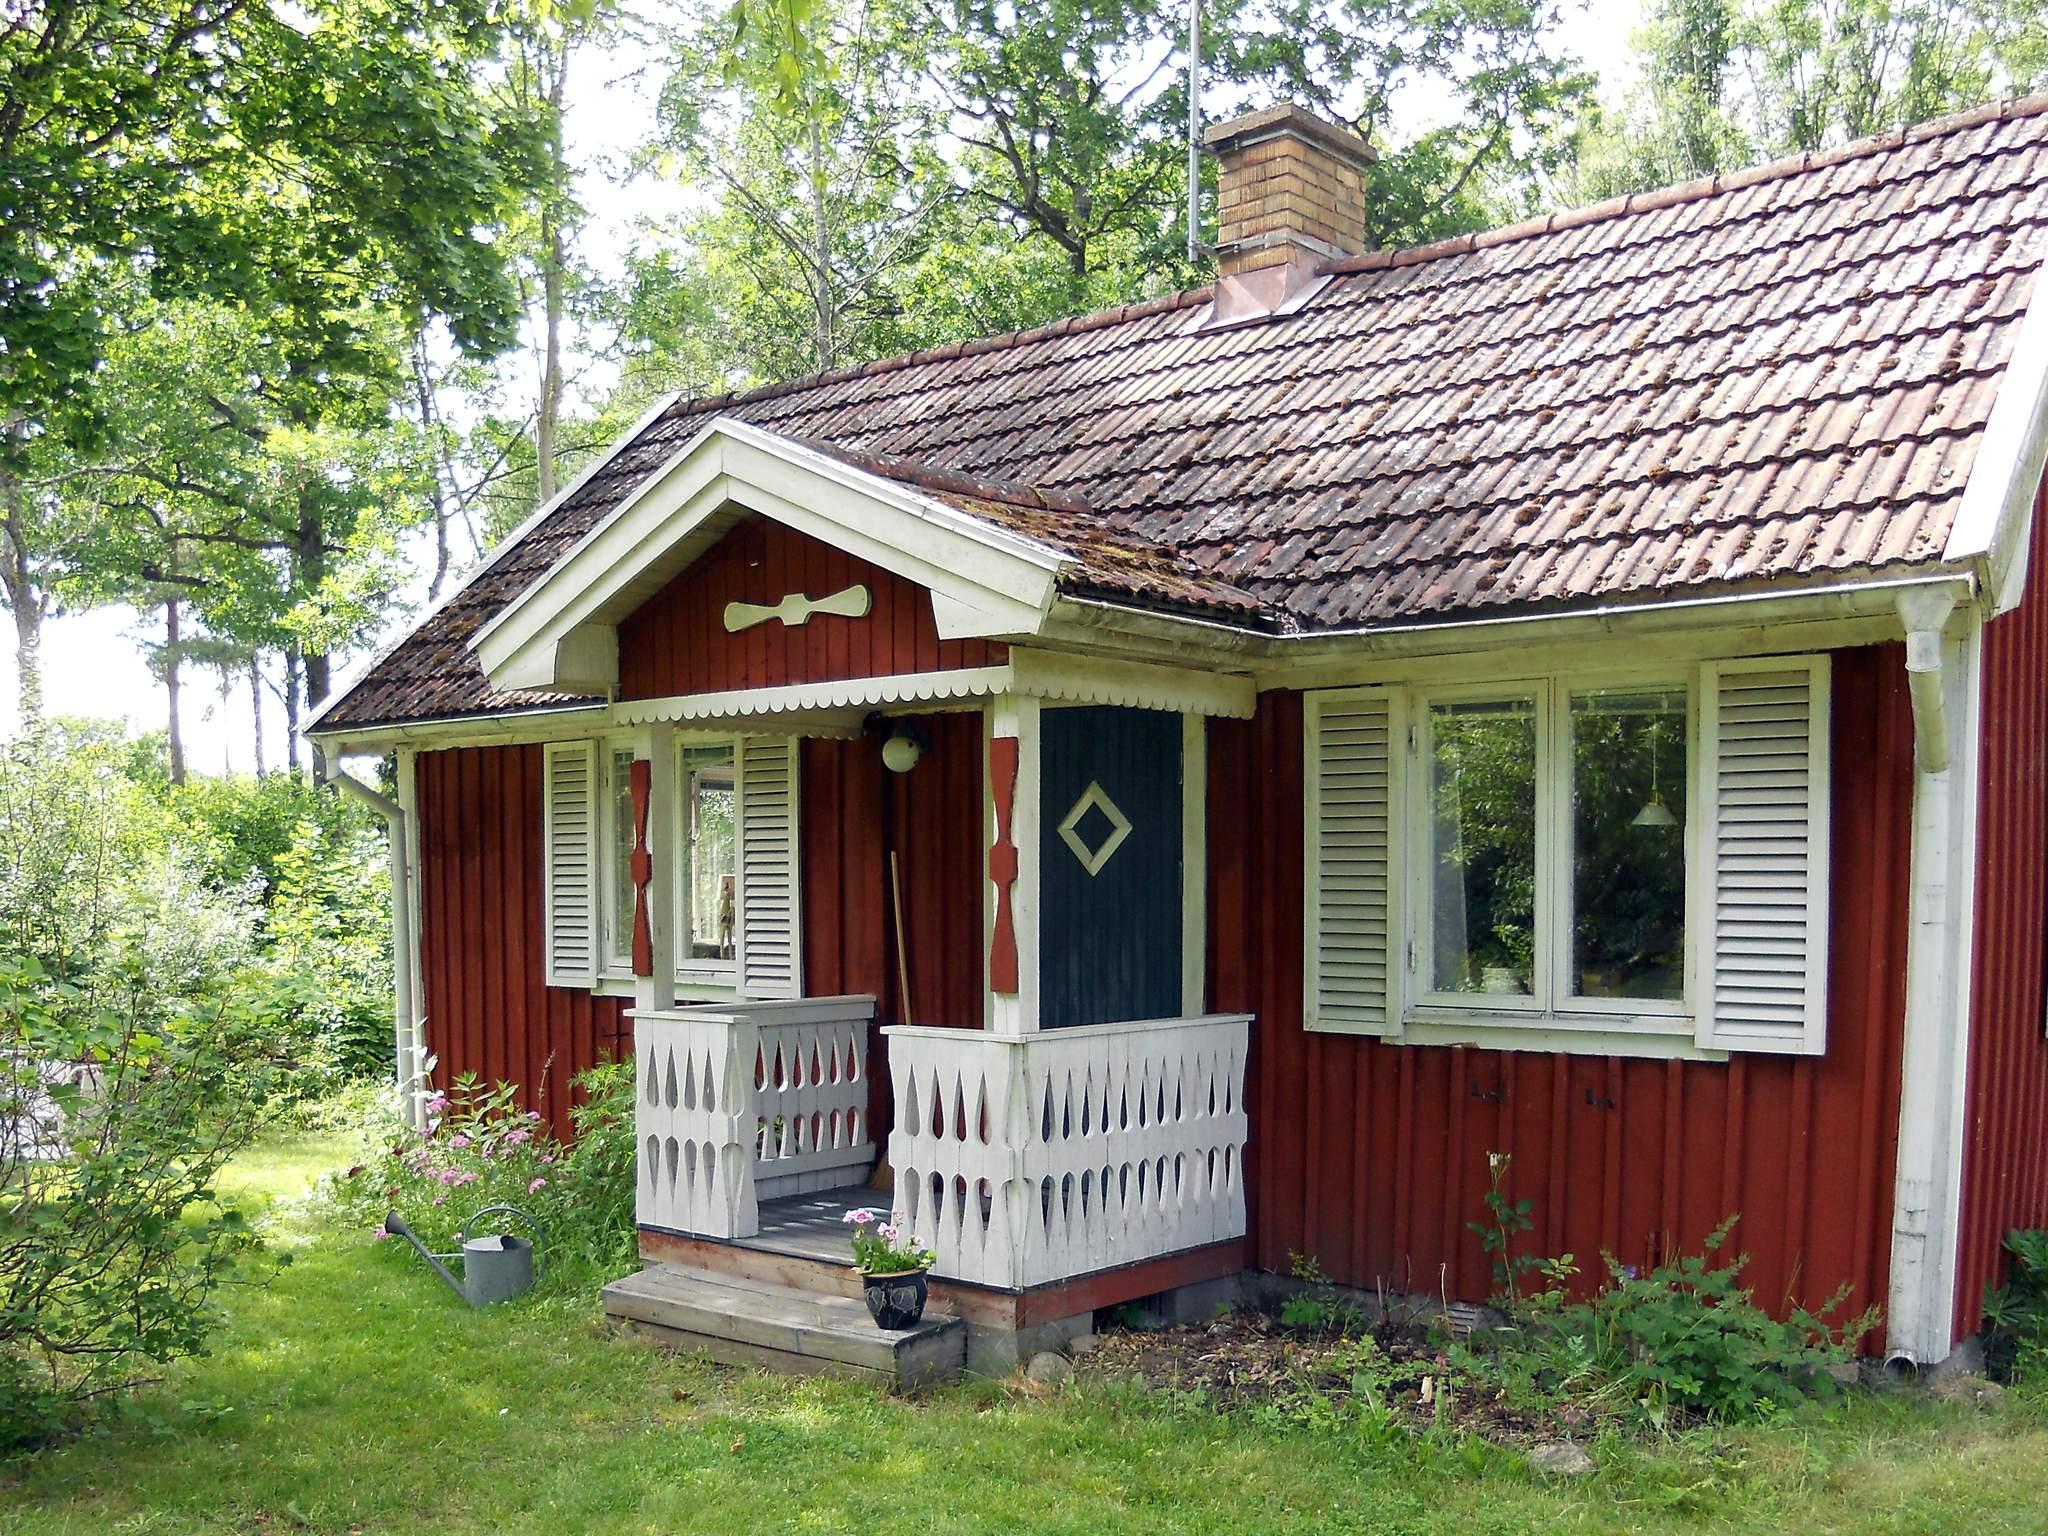 Ferienhaus Gullabo (491994), Gullabo, Kalmar län, Südschweden, Schweden, Bild 10